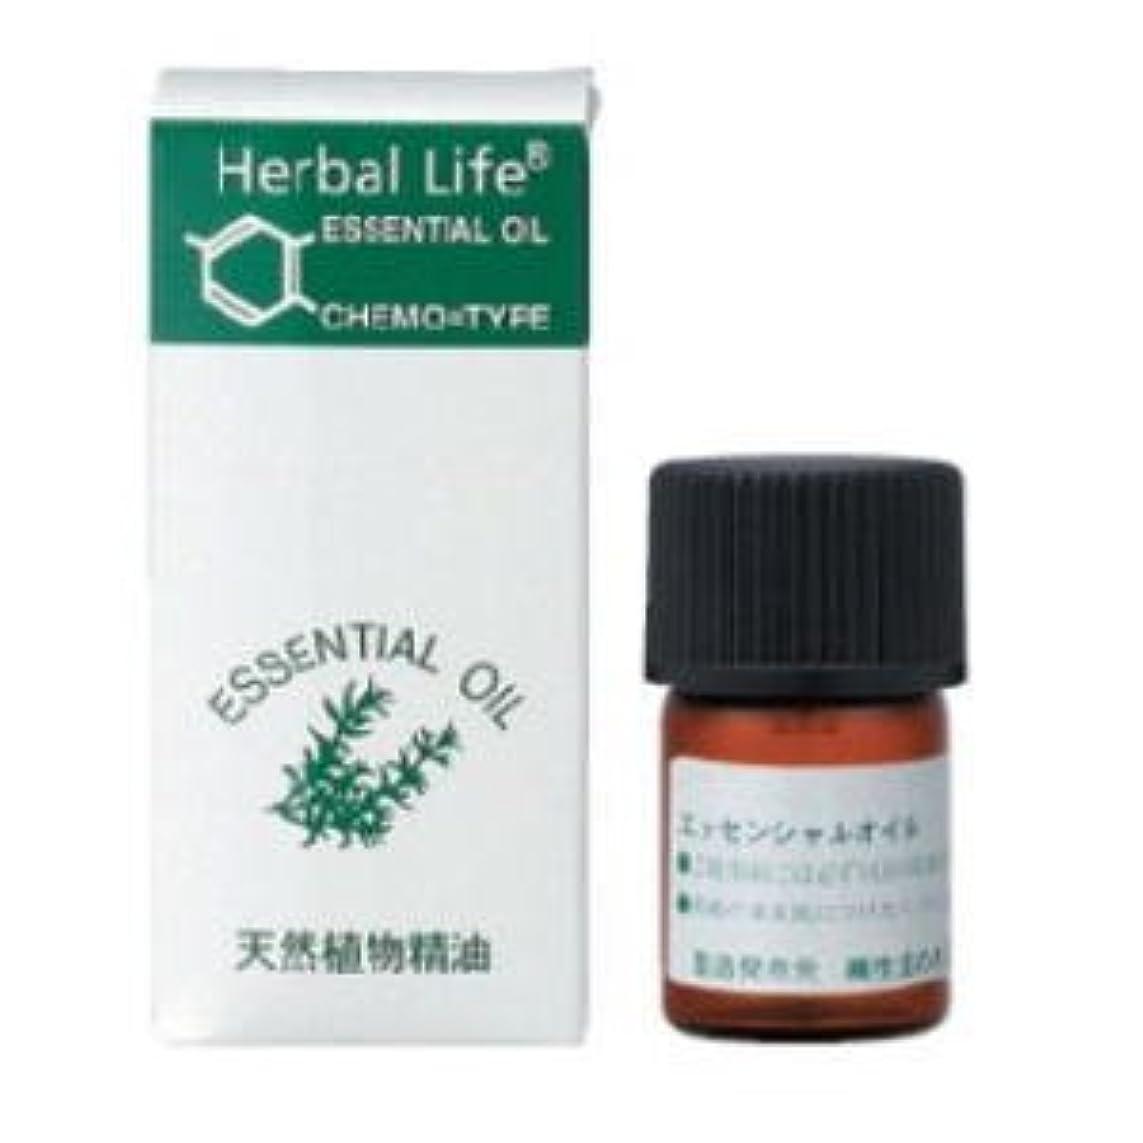 組満足させる生活の木 トンカビーンズAbs.3ml エッセンシャルオイル/精油